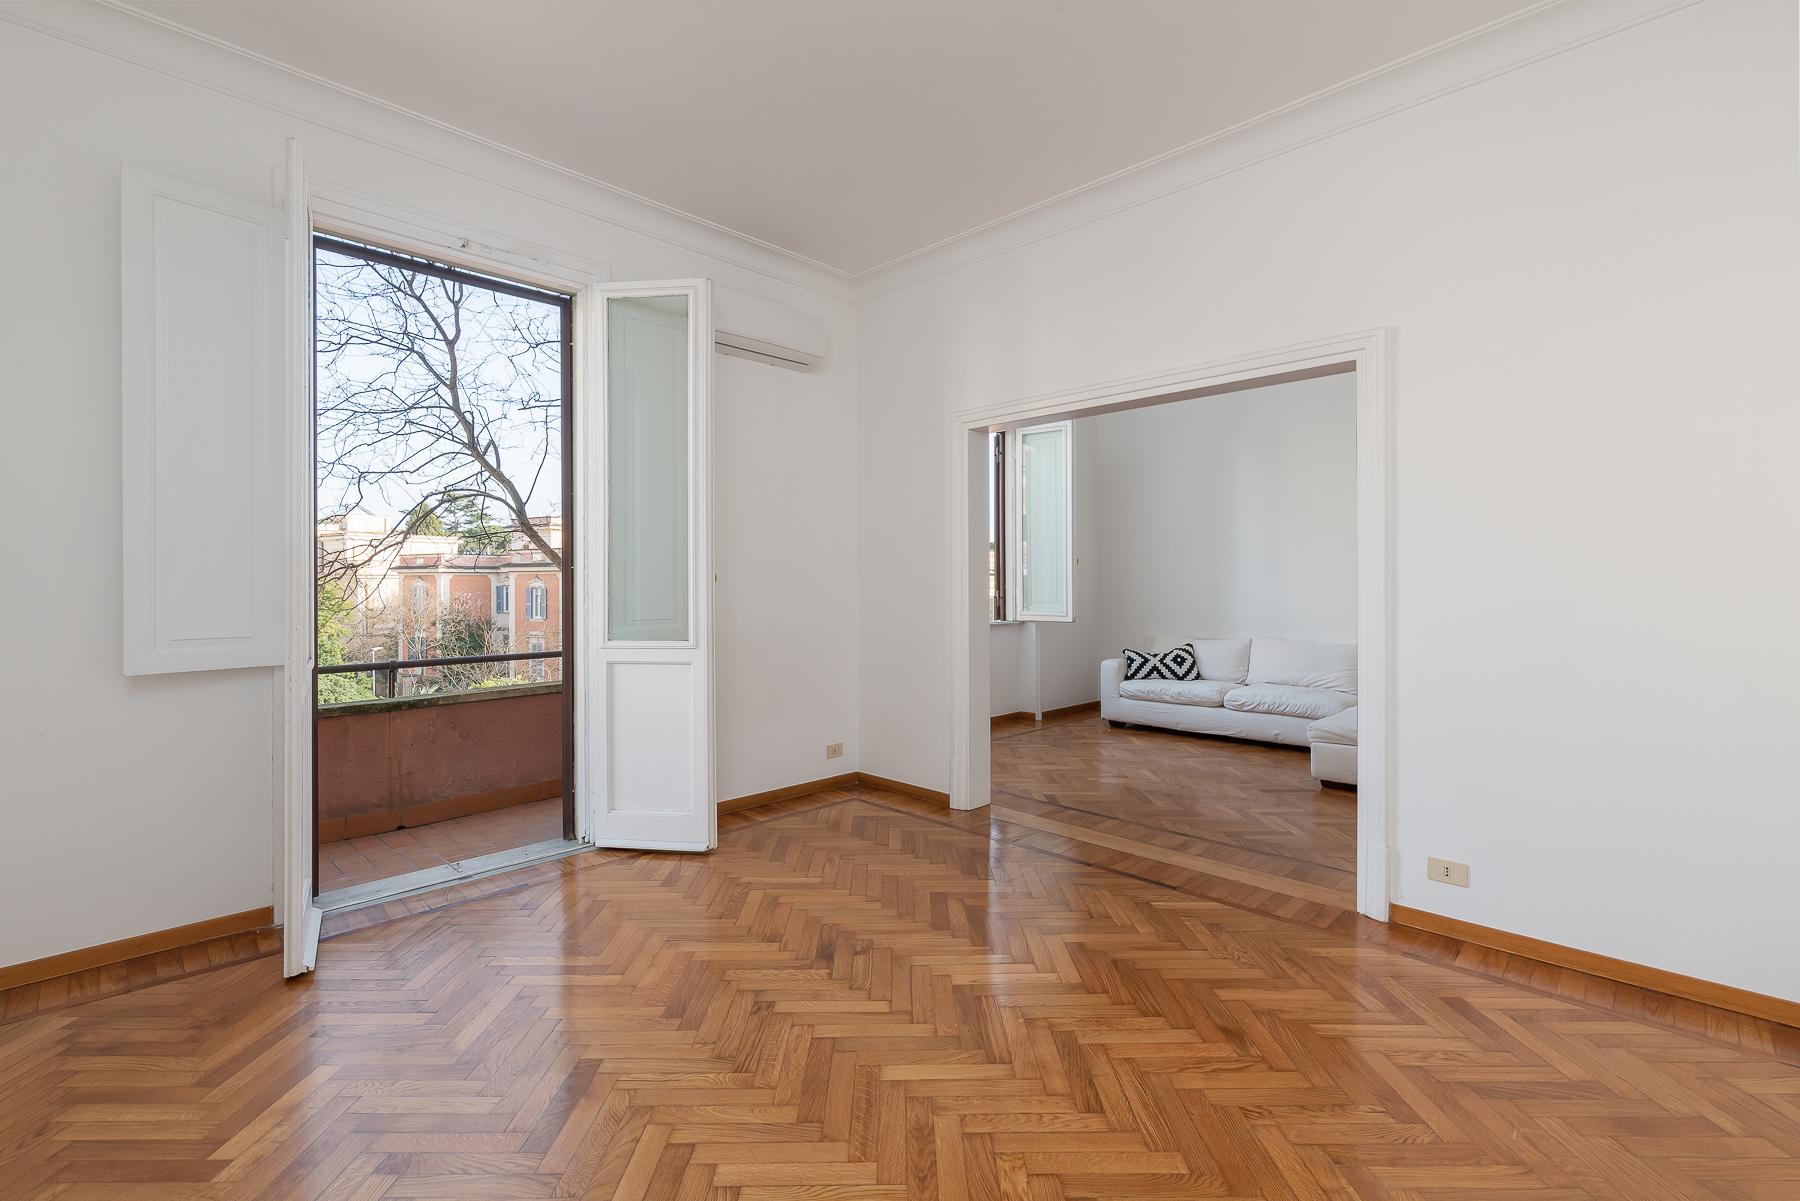 Appartamento in Vendita a Roma: 5 locali, 126 mq - Foto 4